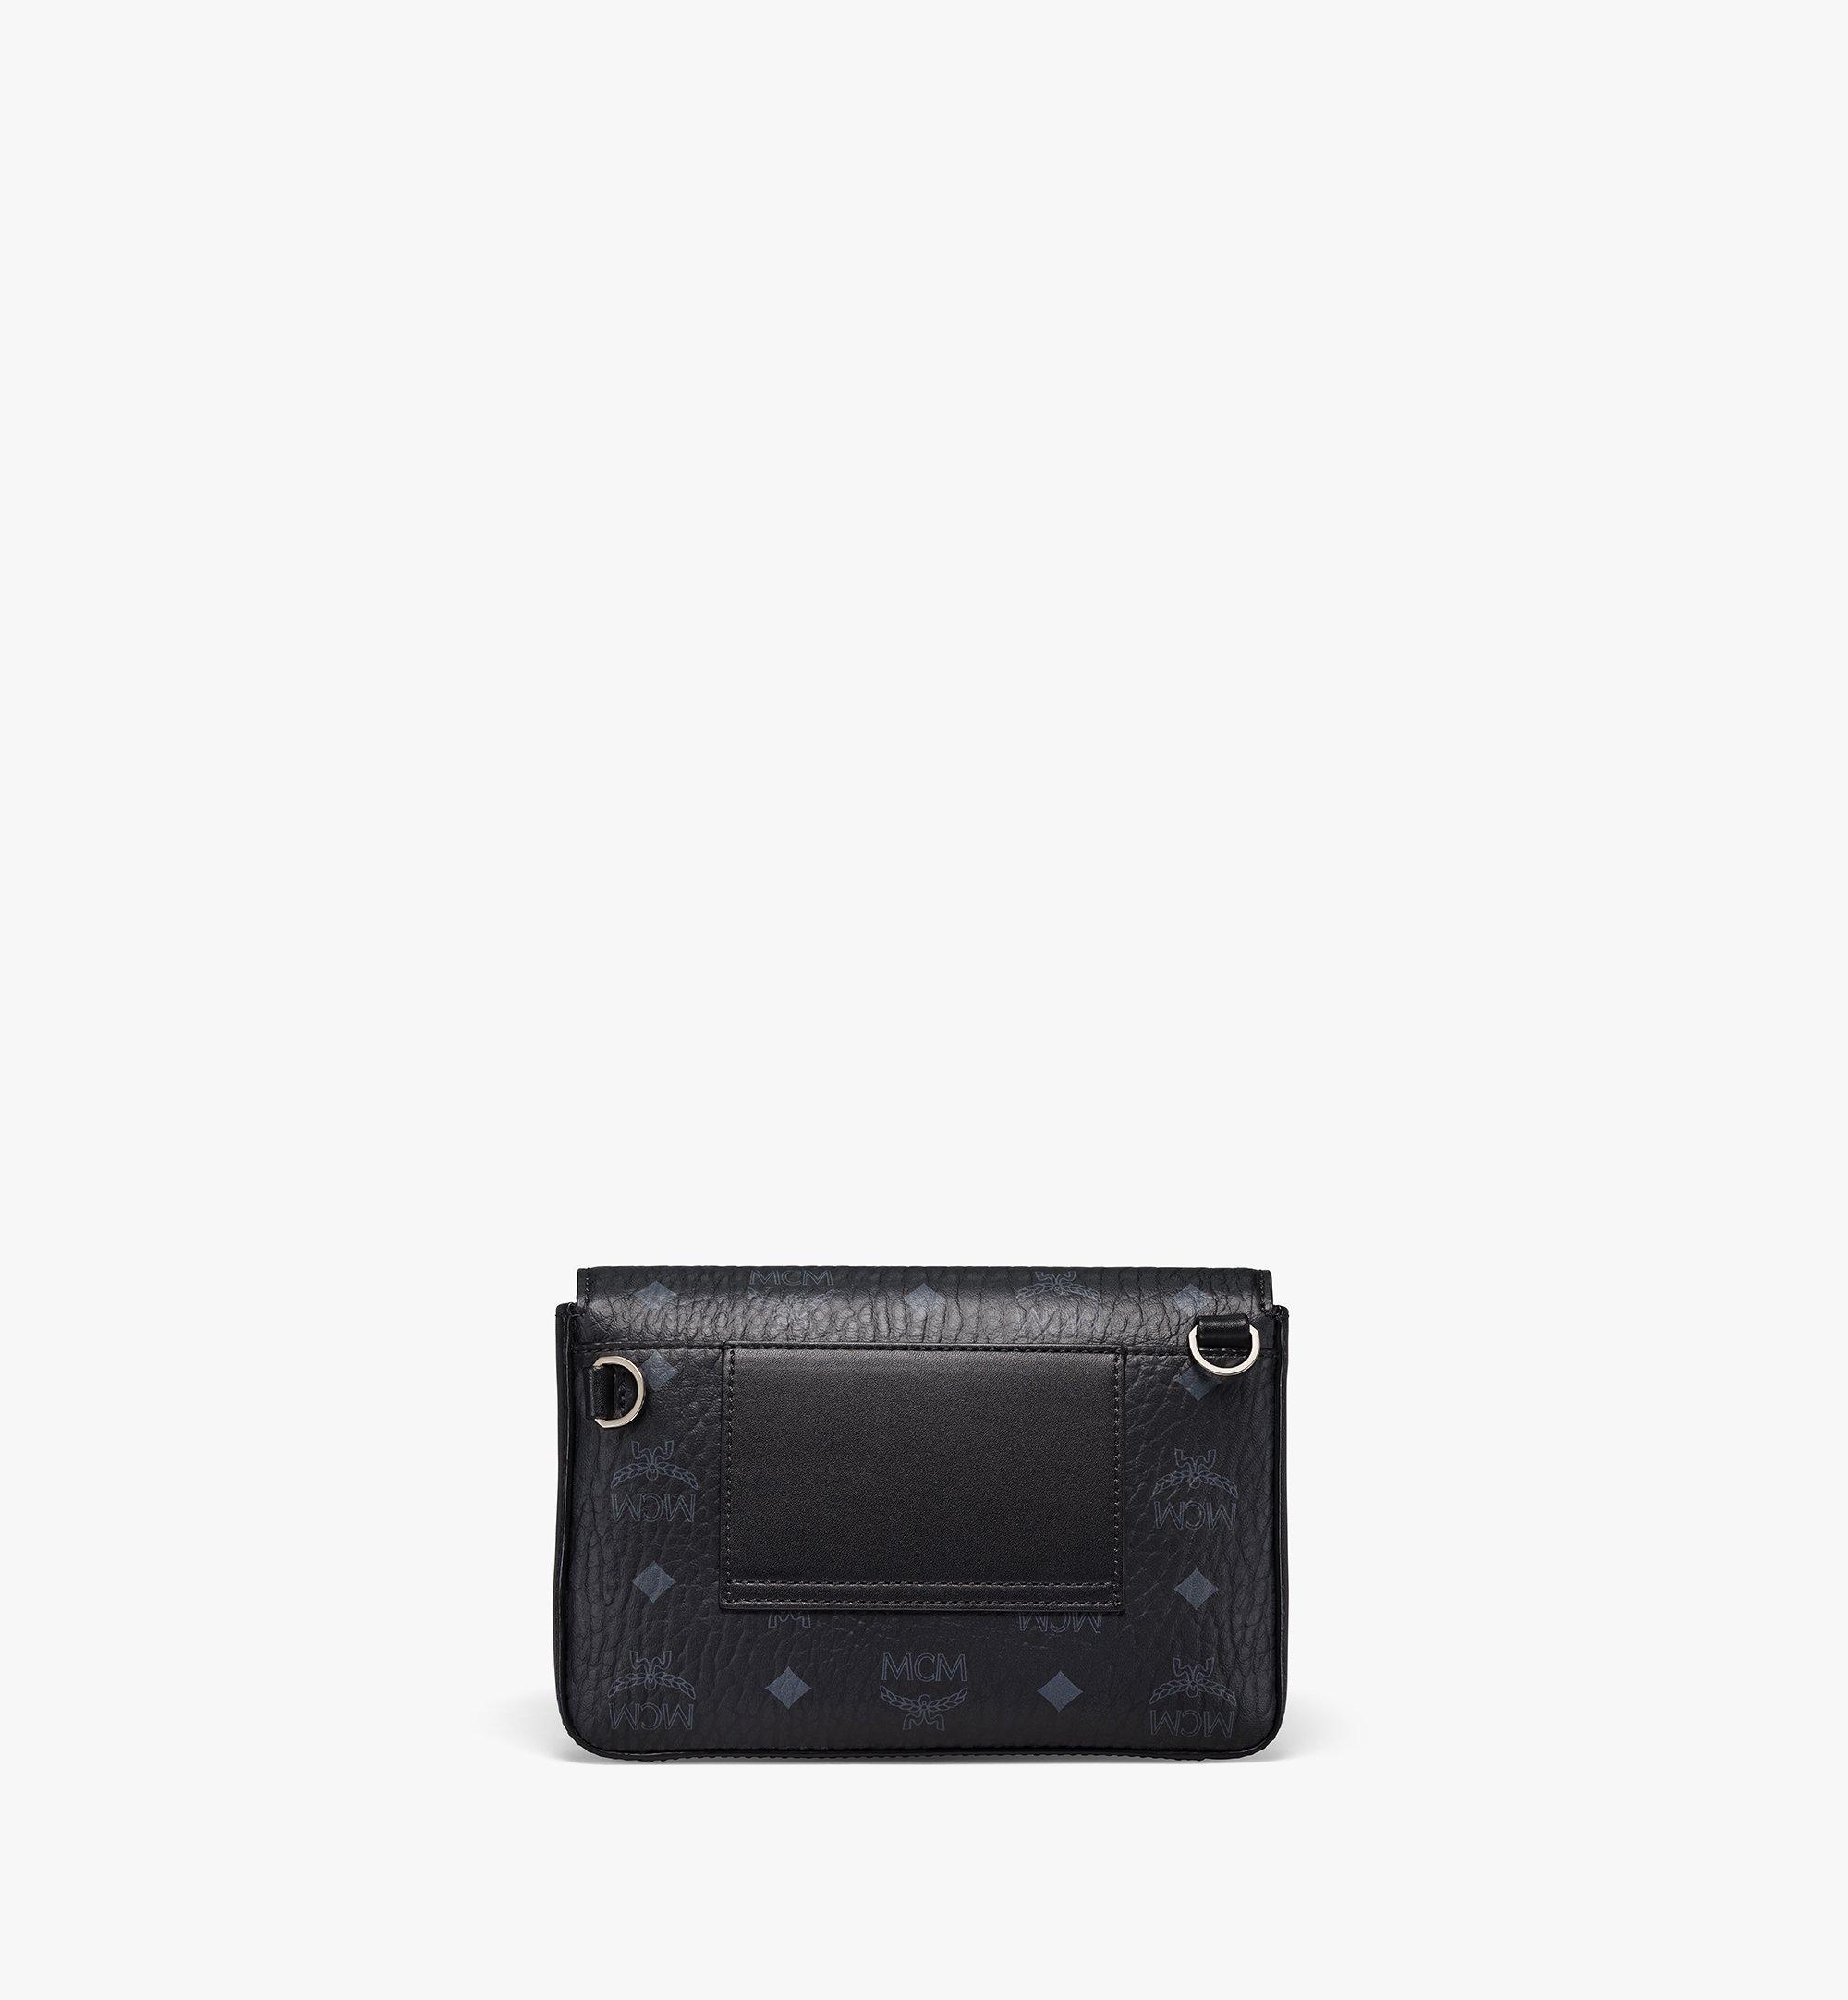 MCM Millie Crossbody-Tasche in Visetos Black MMRBSME03BK001 Noch mehr sehen 3